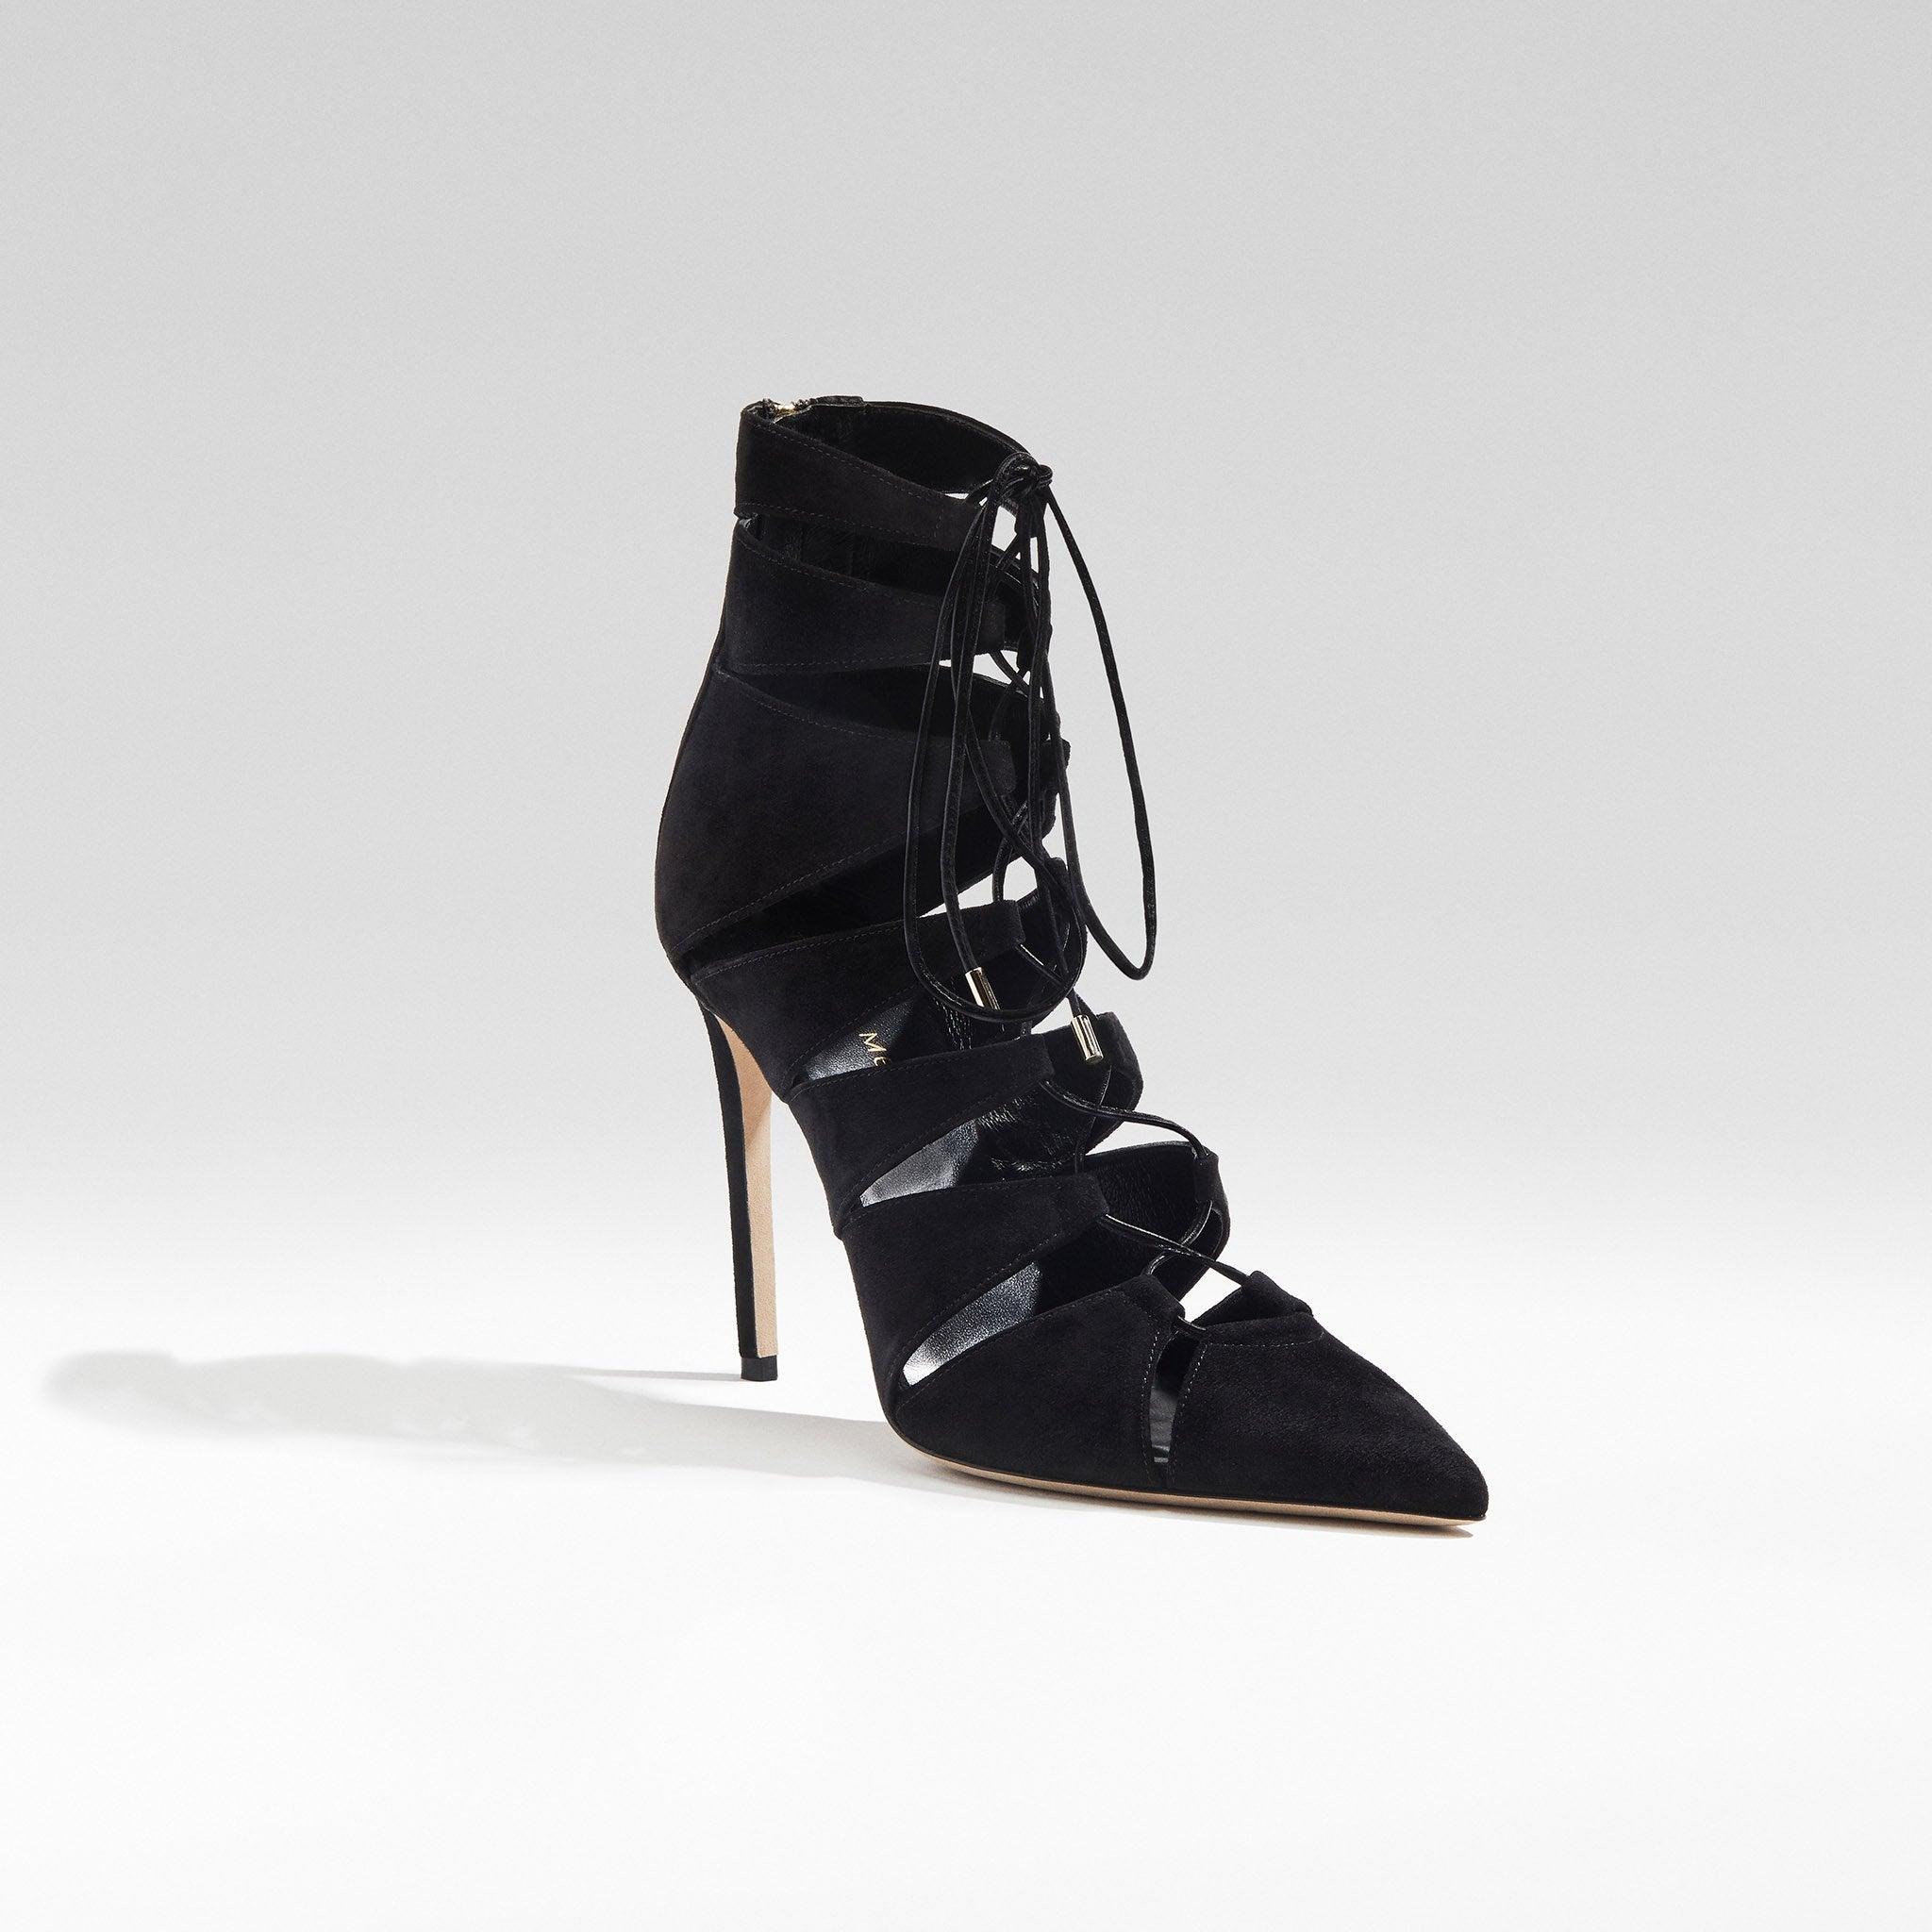 2d7a51a9886 Cute Heels